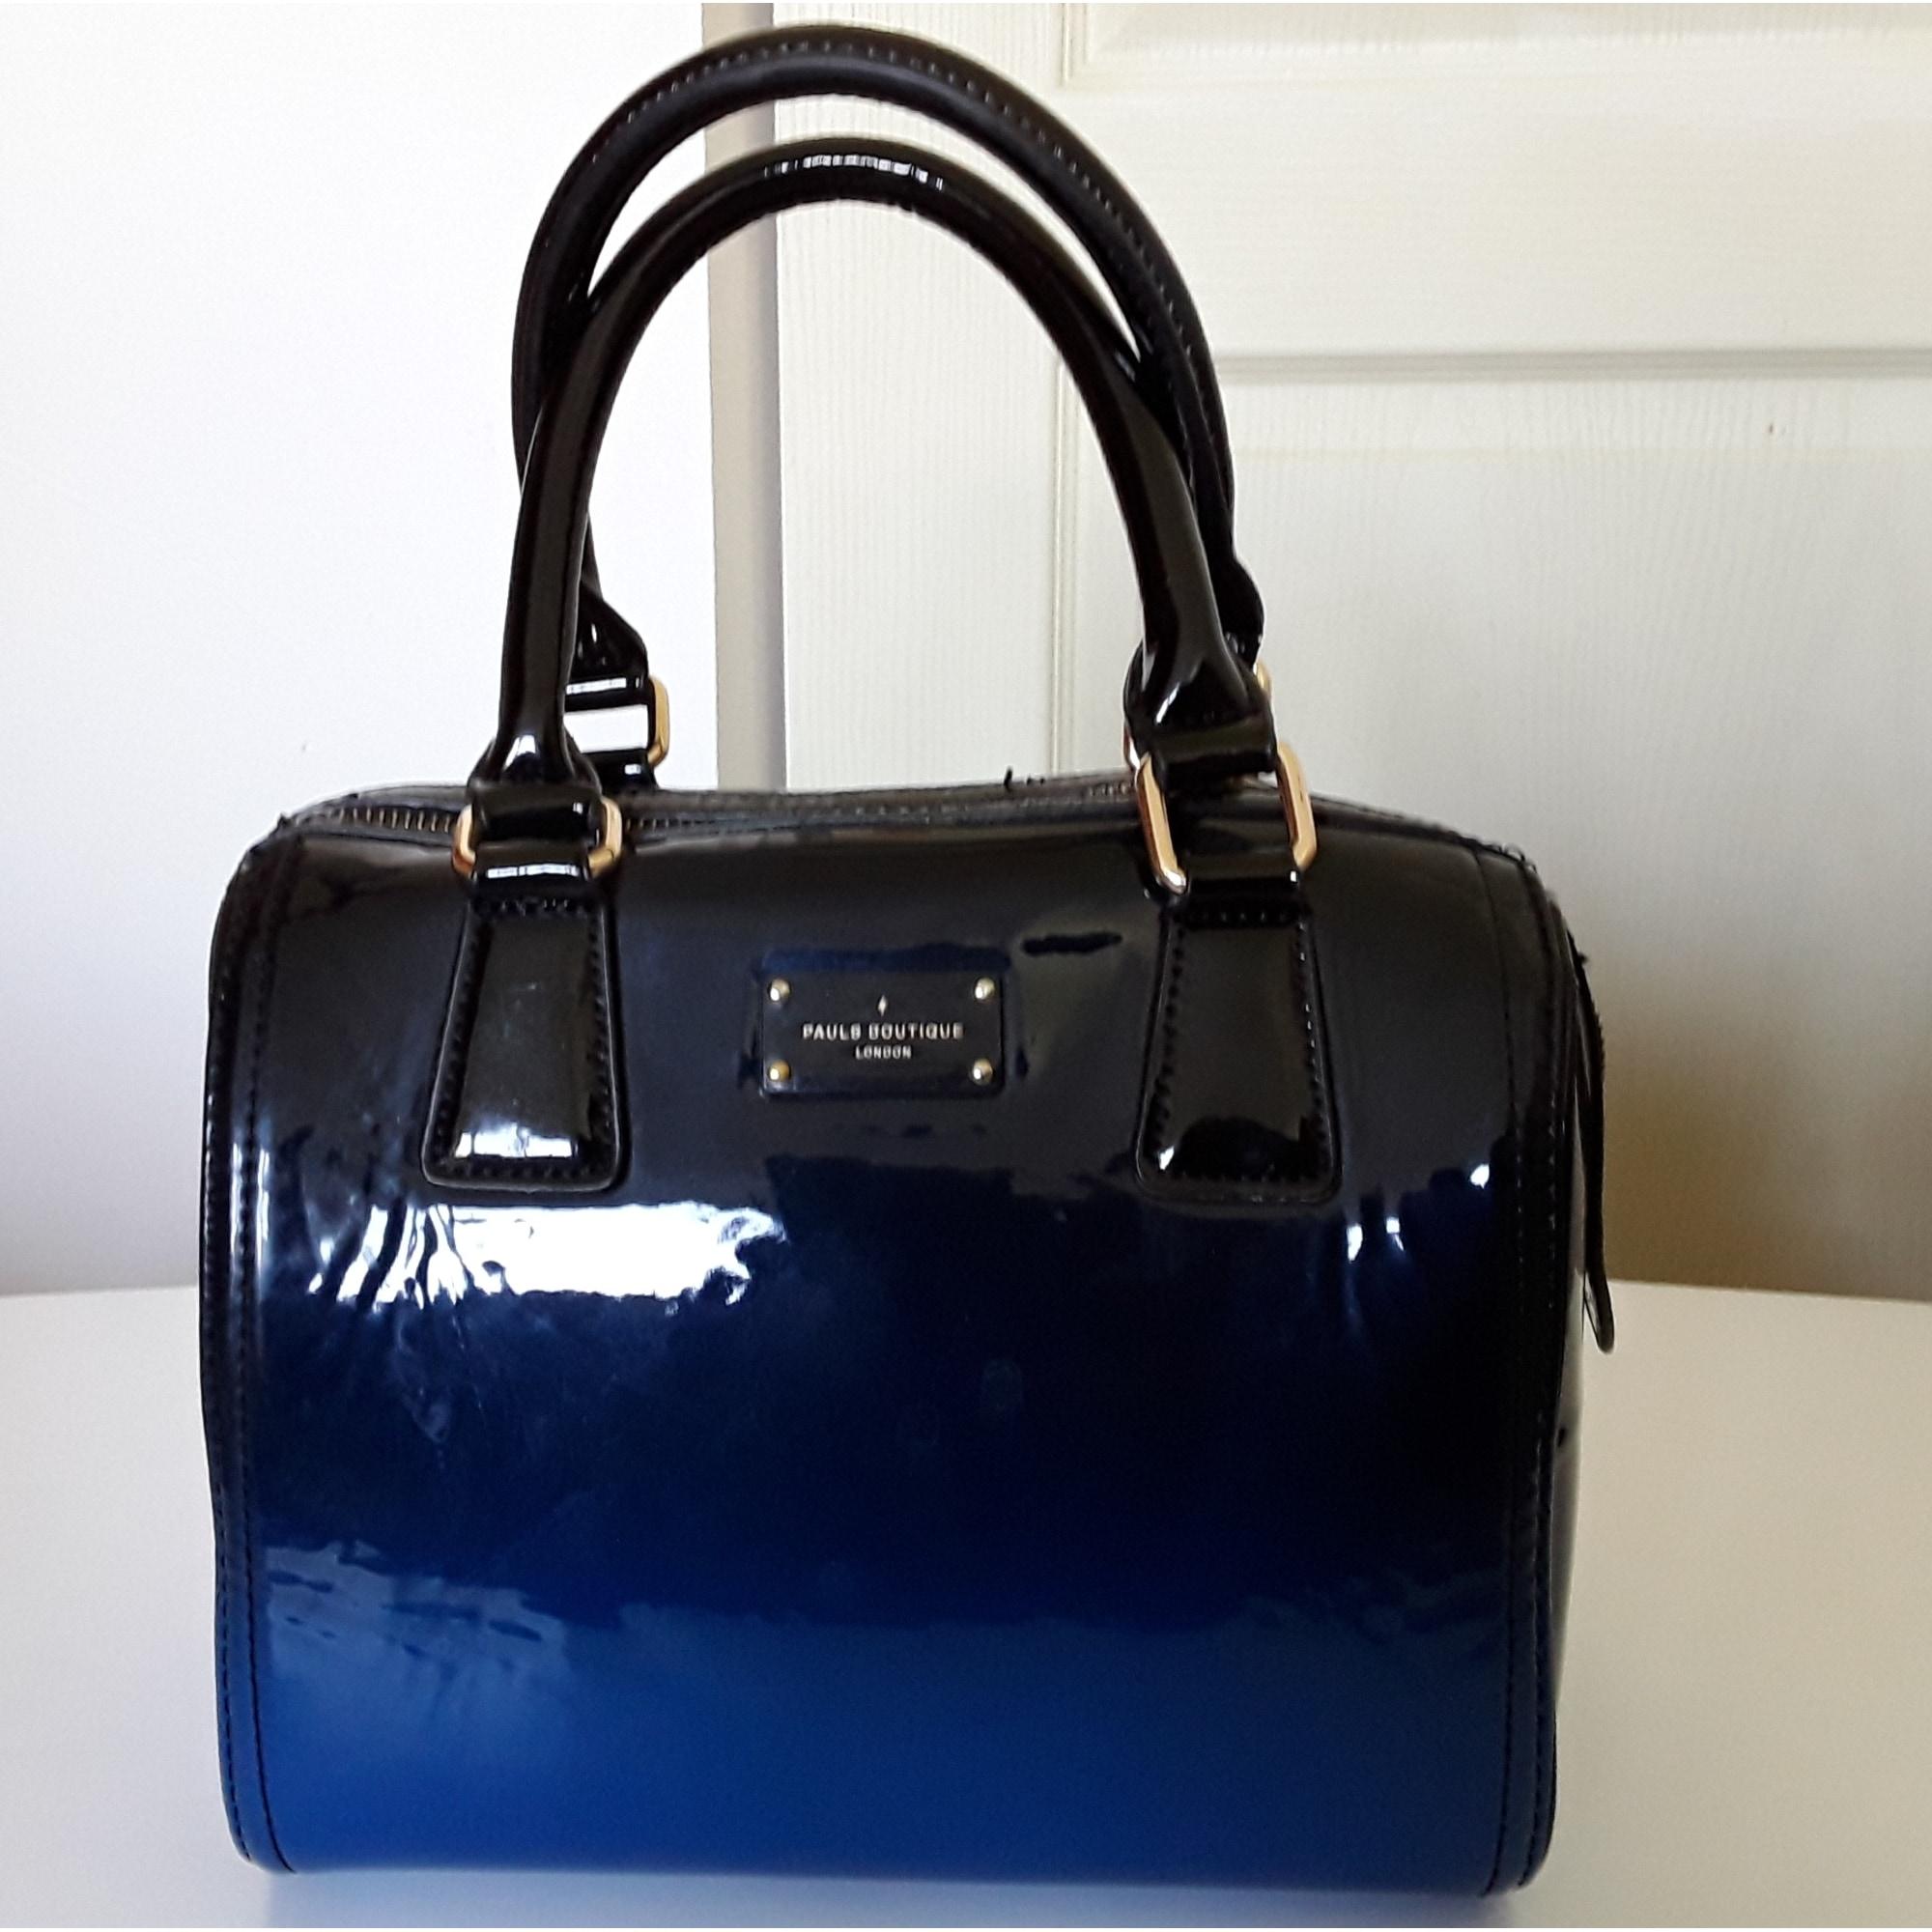 35bd490ff1c Sac à main en cuir PAUL S BOUTIQUE bleu - 6876598